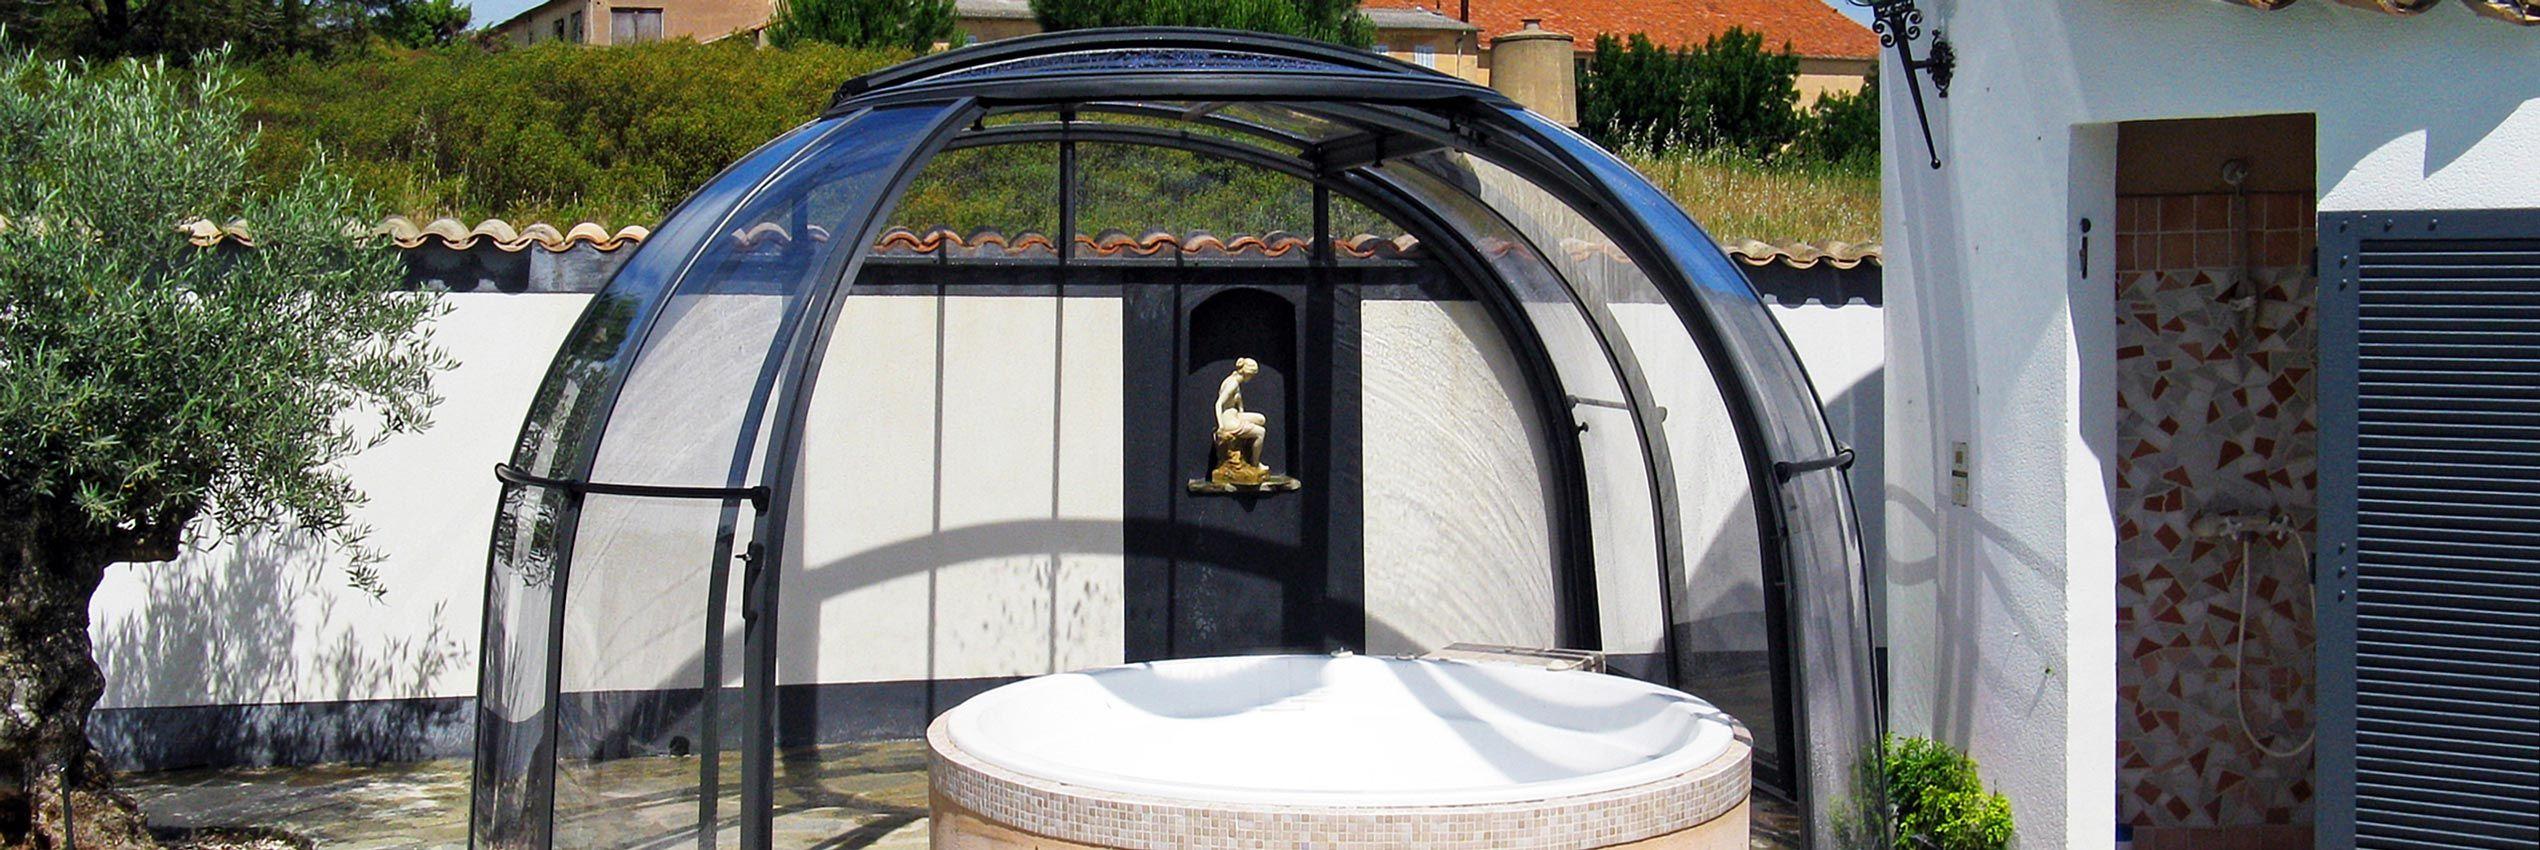 Abri Veranda Pour Spa zadaszenie wanie spa oasis™ | alukov.pl